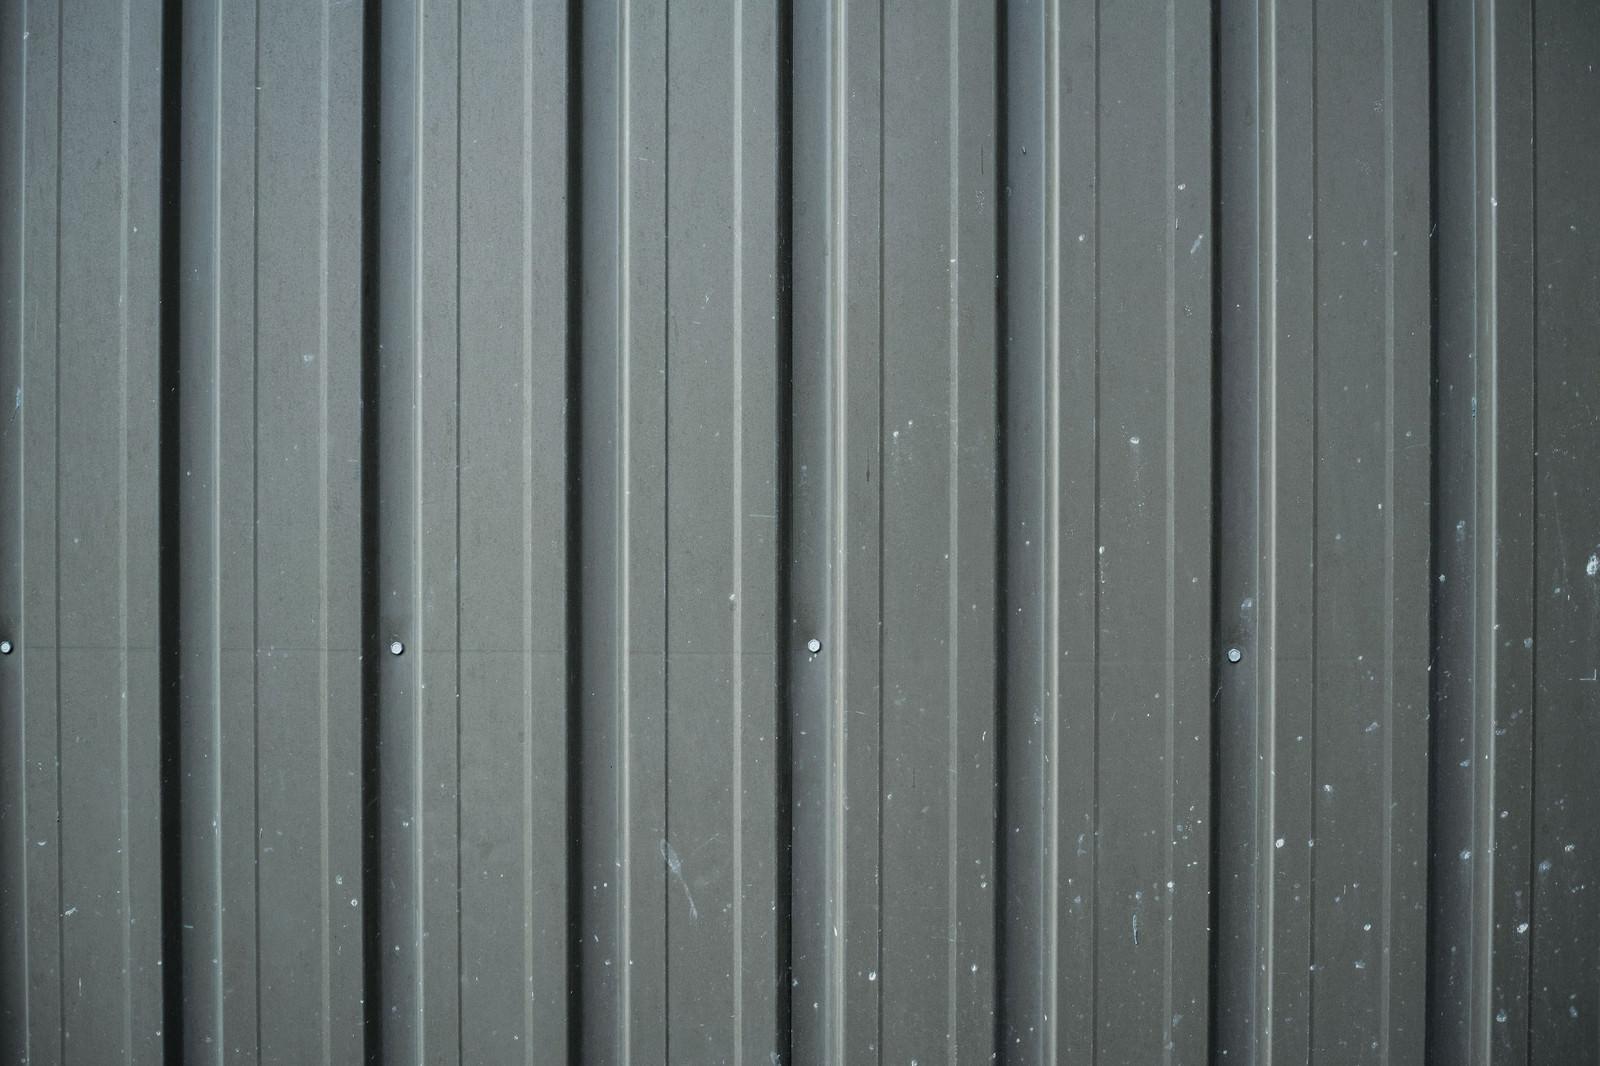 「白いペンキが飛び散ったトタン(テクスチャ)」の写真